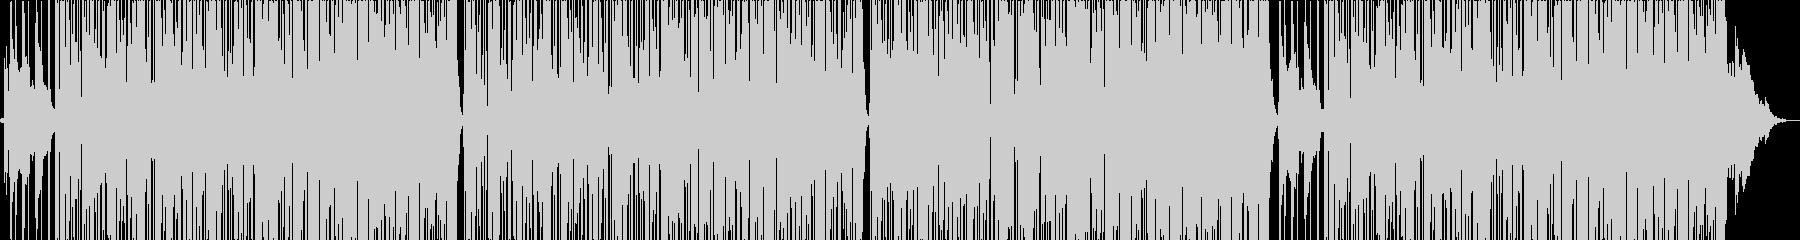 映像用ゆったり夜系スムースジャズの未再生の波形